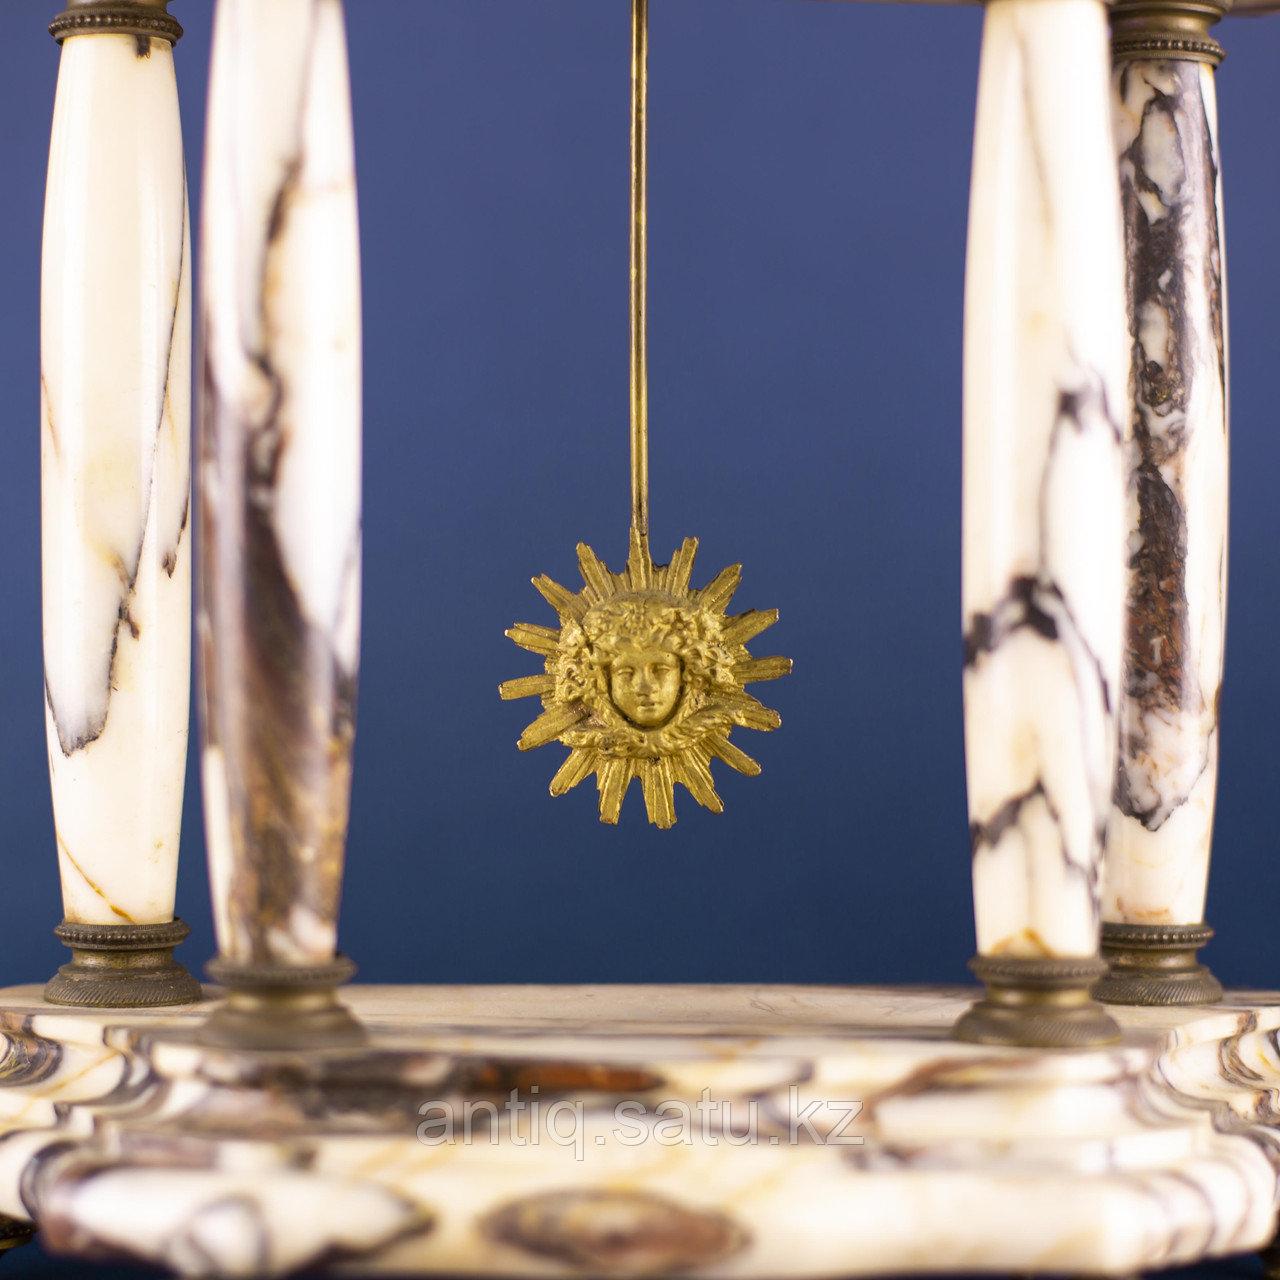 Кабинетный часовой гарнитур в стиле Людовика XVI Франция. II половина XIX века - фото 6